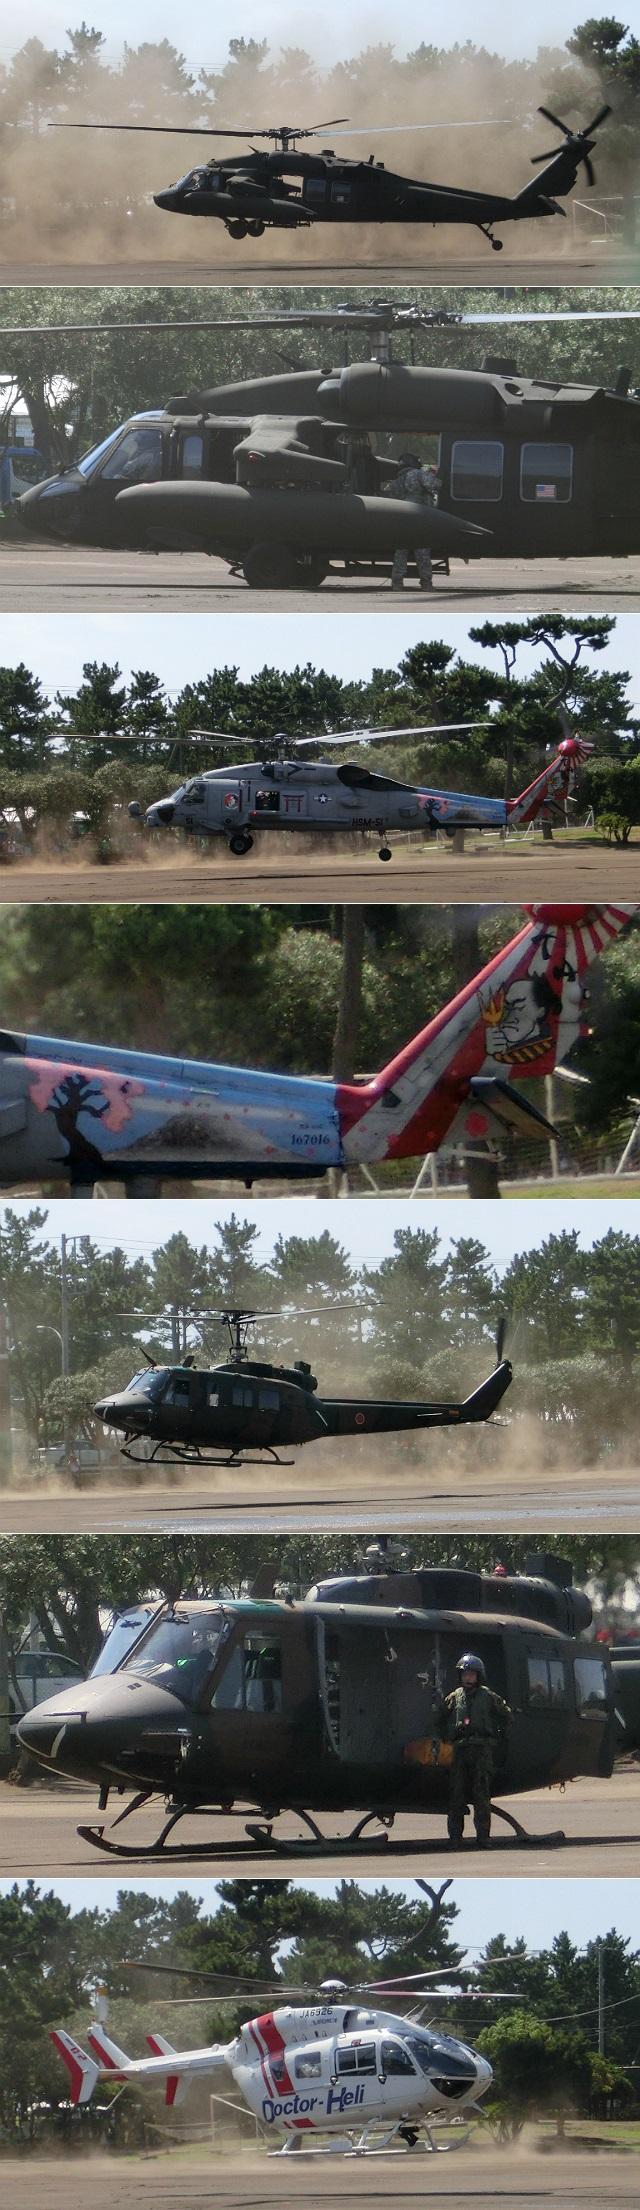 陸上自衛隊のヘリやドクターヘリ等